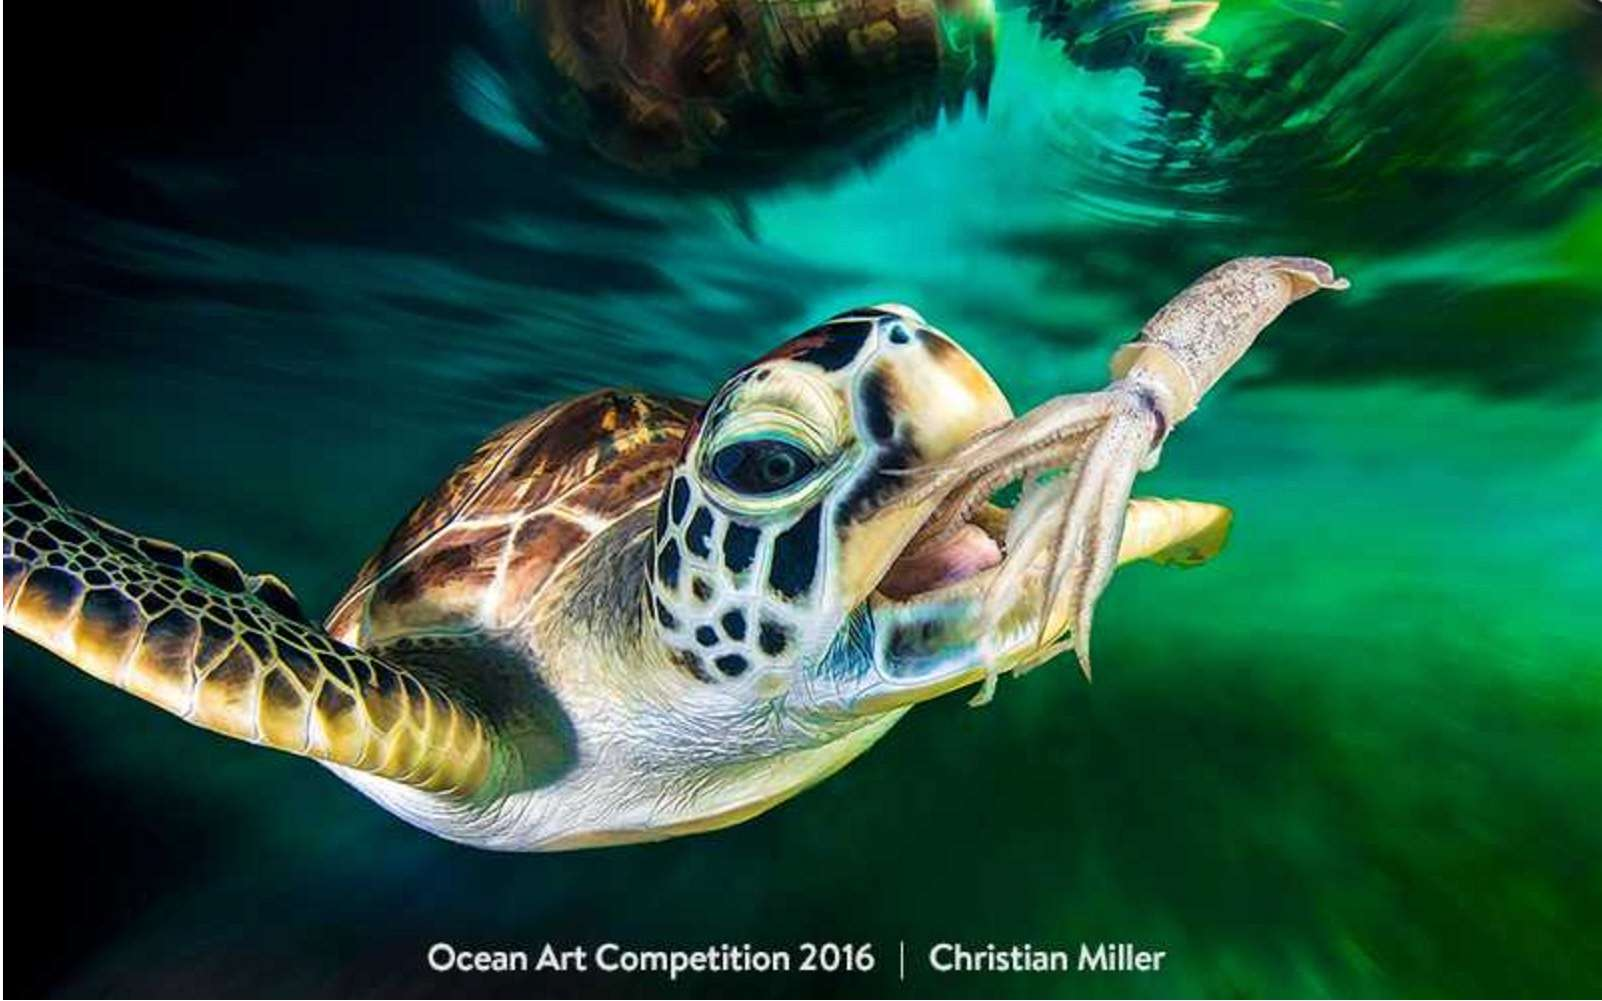 Les effectifs de la tortue marine sont en régression du fait des activités humaines. © Ocean Art Competition 2016, Christian Miller